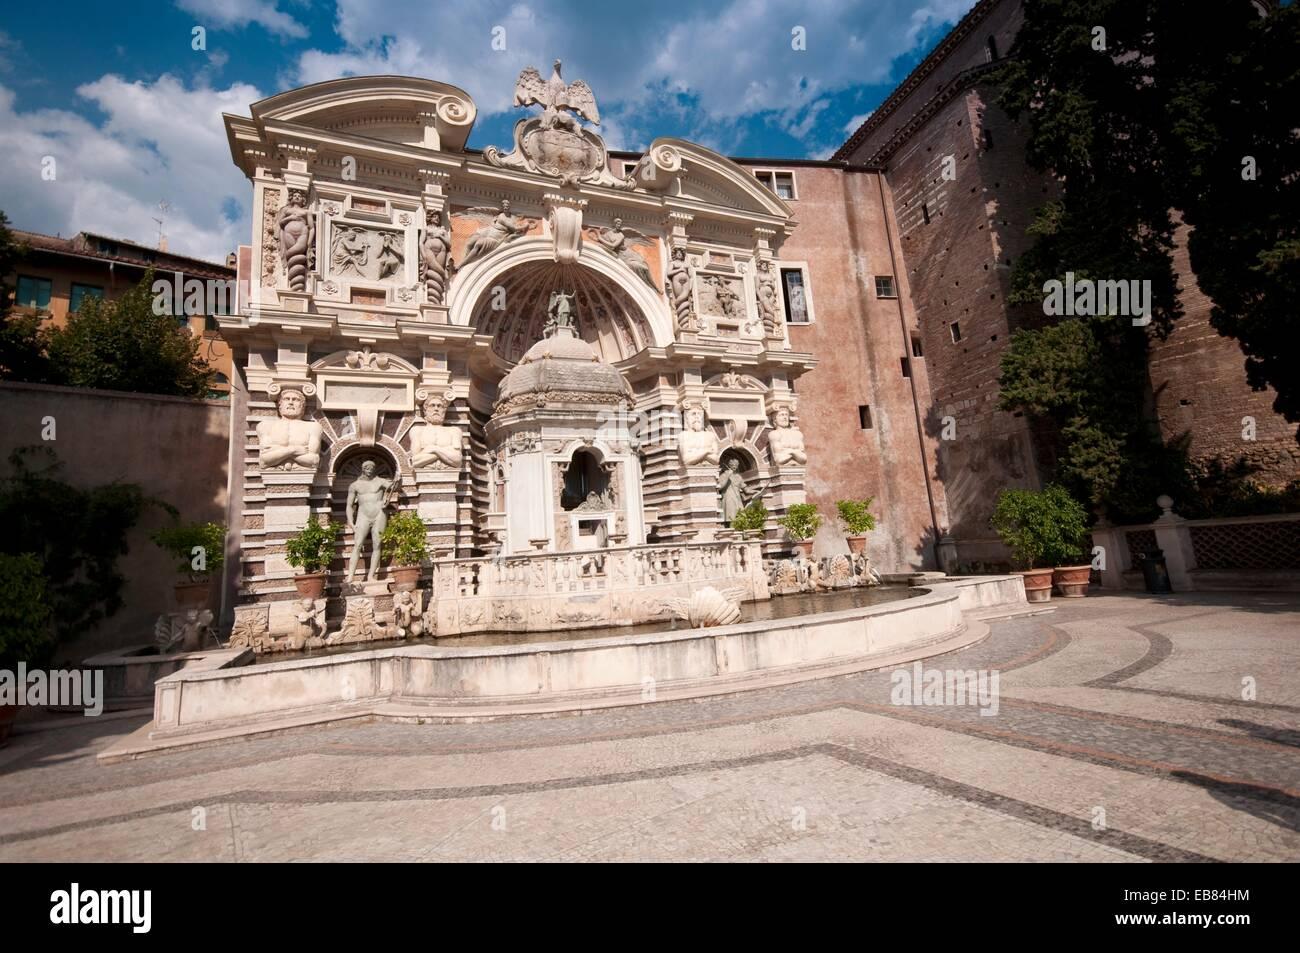 Italia, Lazio, Tivoli, Villa d'Este, Fuente del órgano hidráulico o la Fontana dell'Organo Imagen De Stock